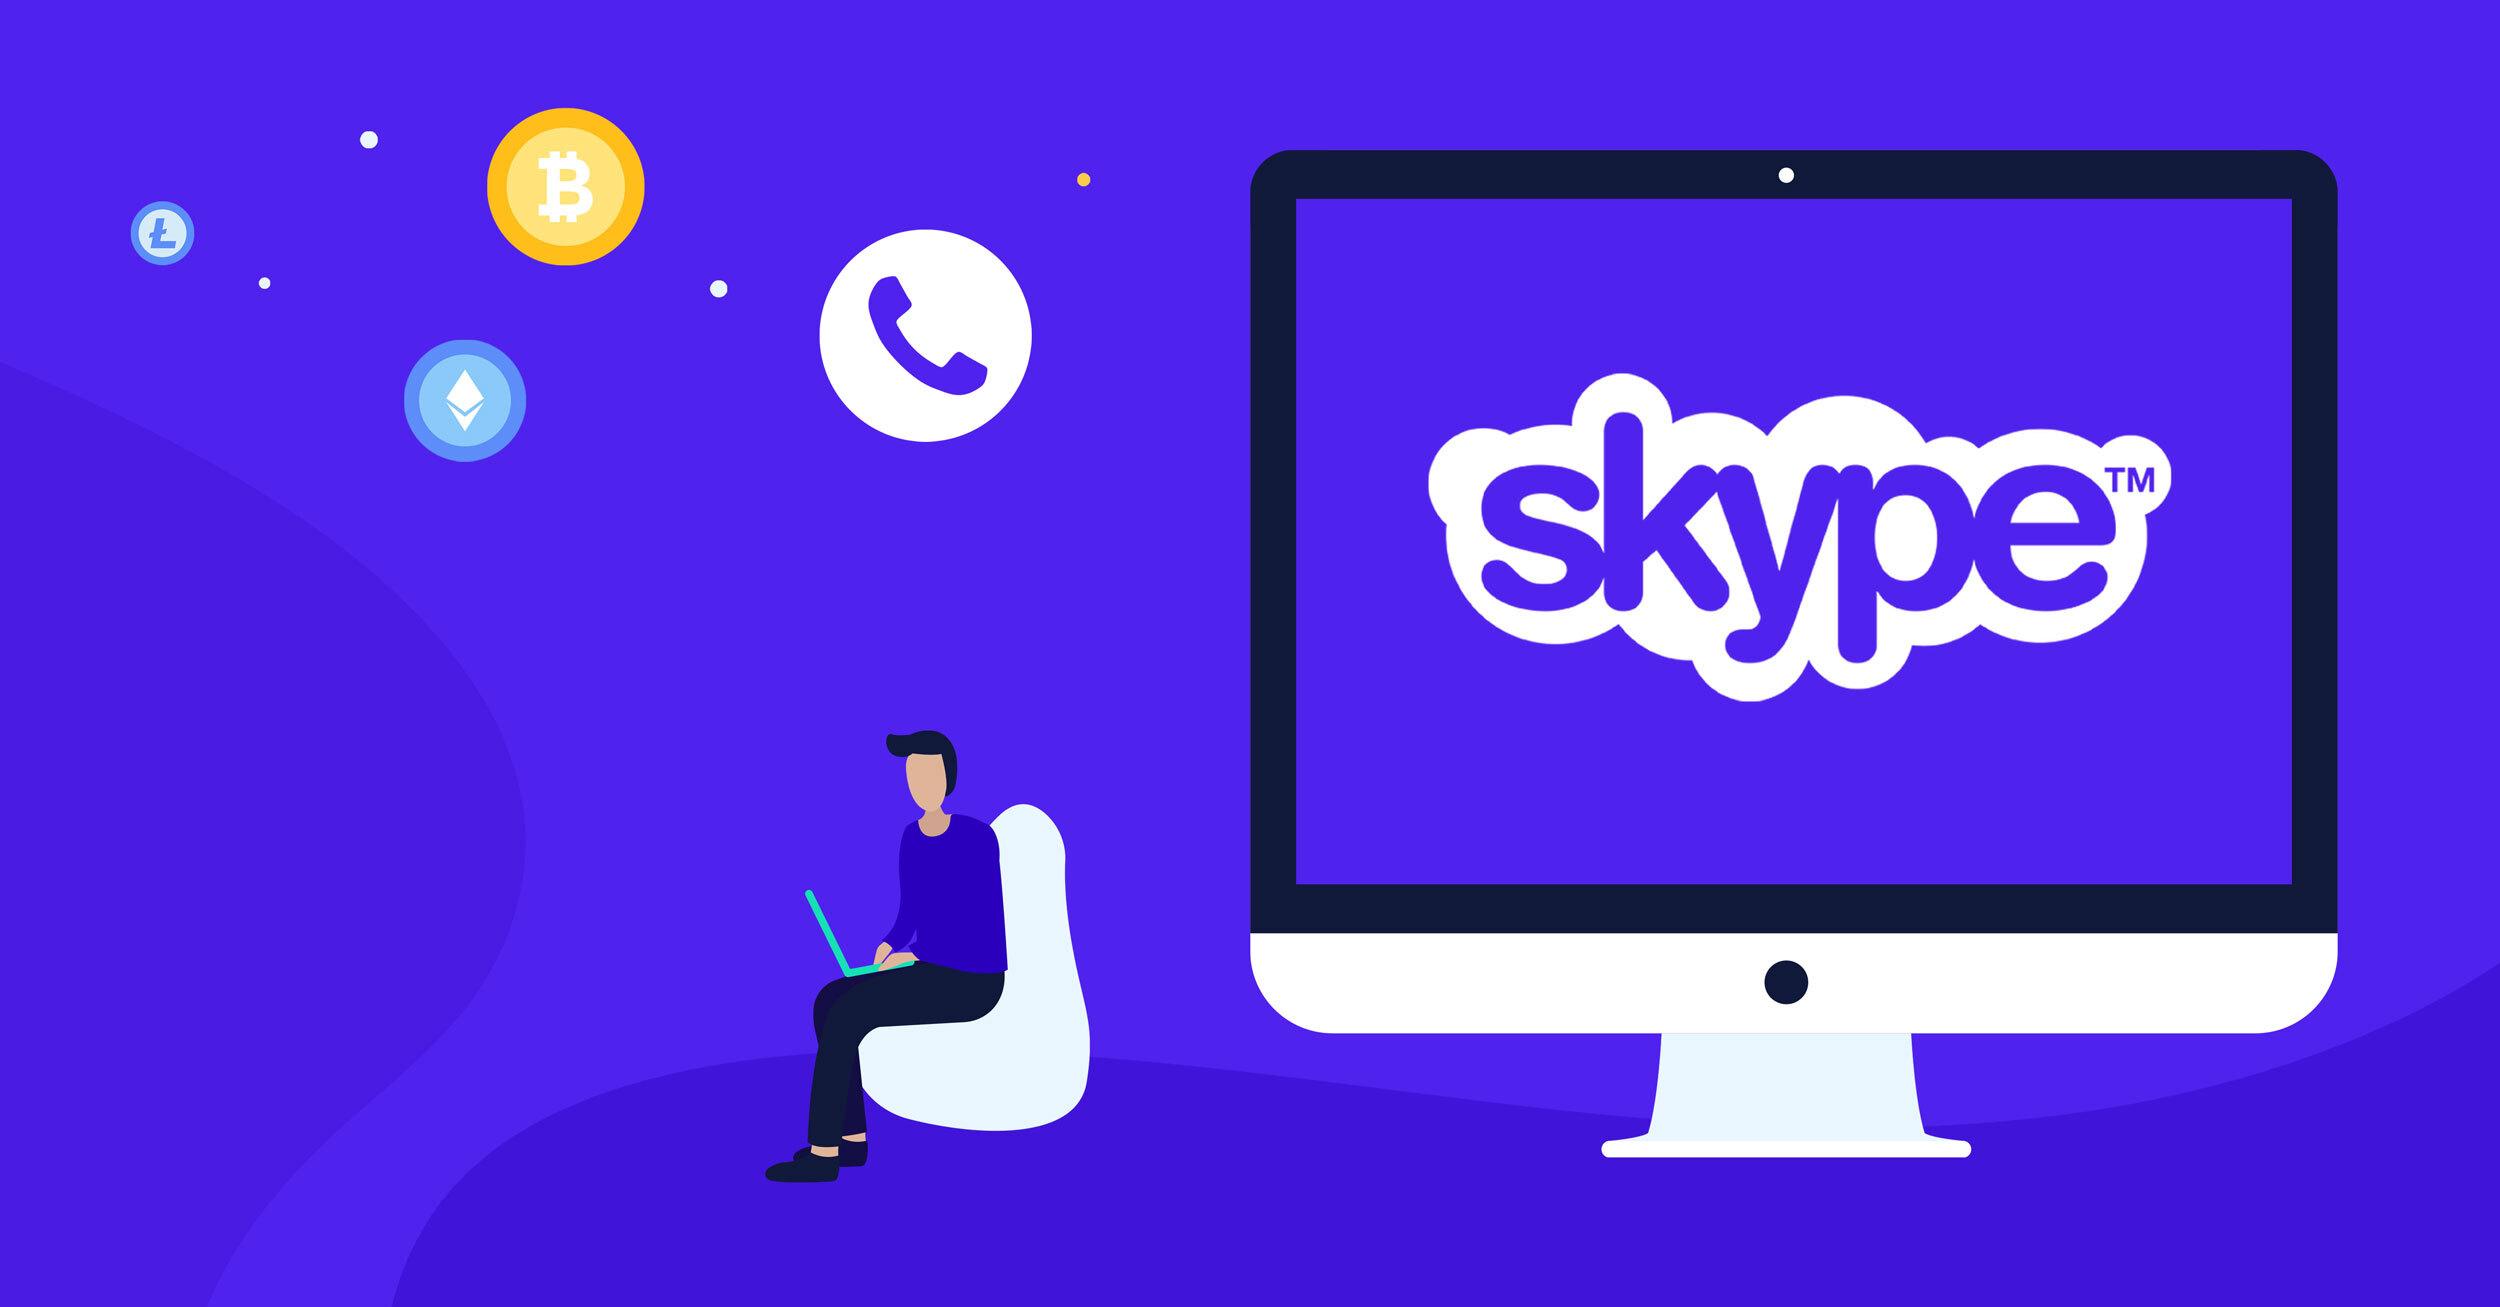 skype credits btc